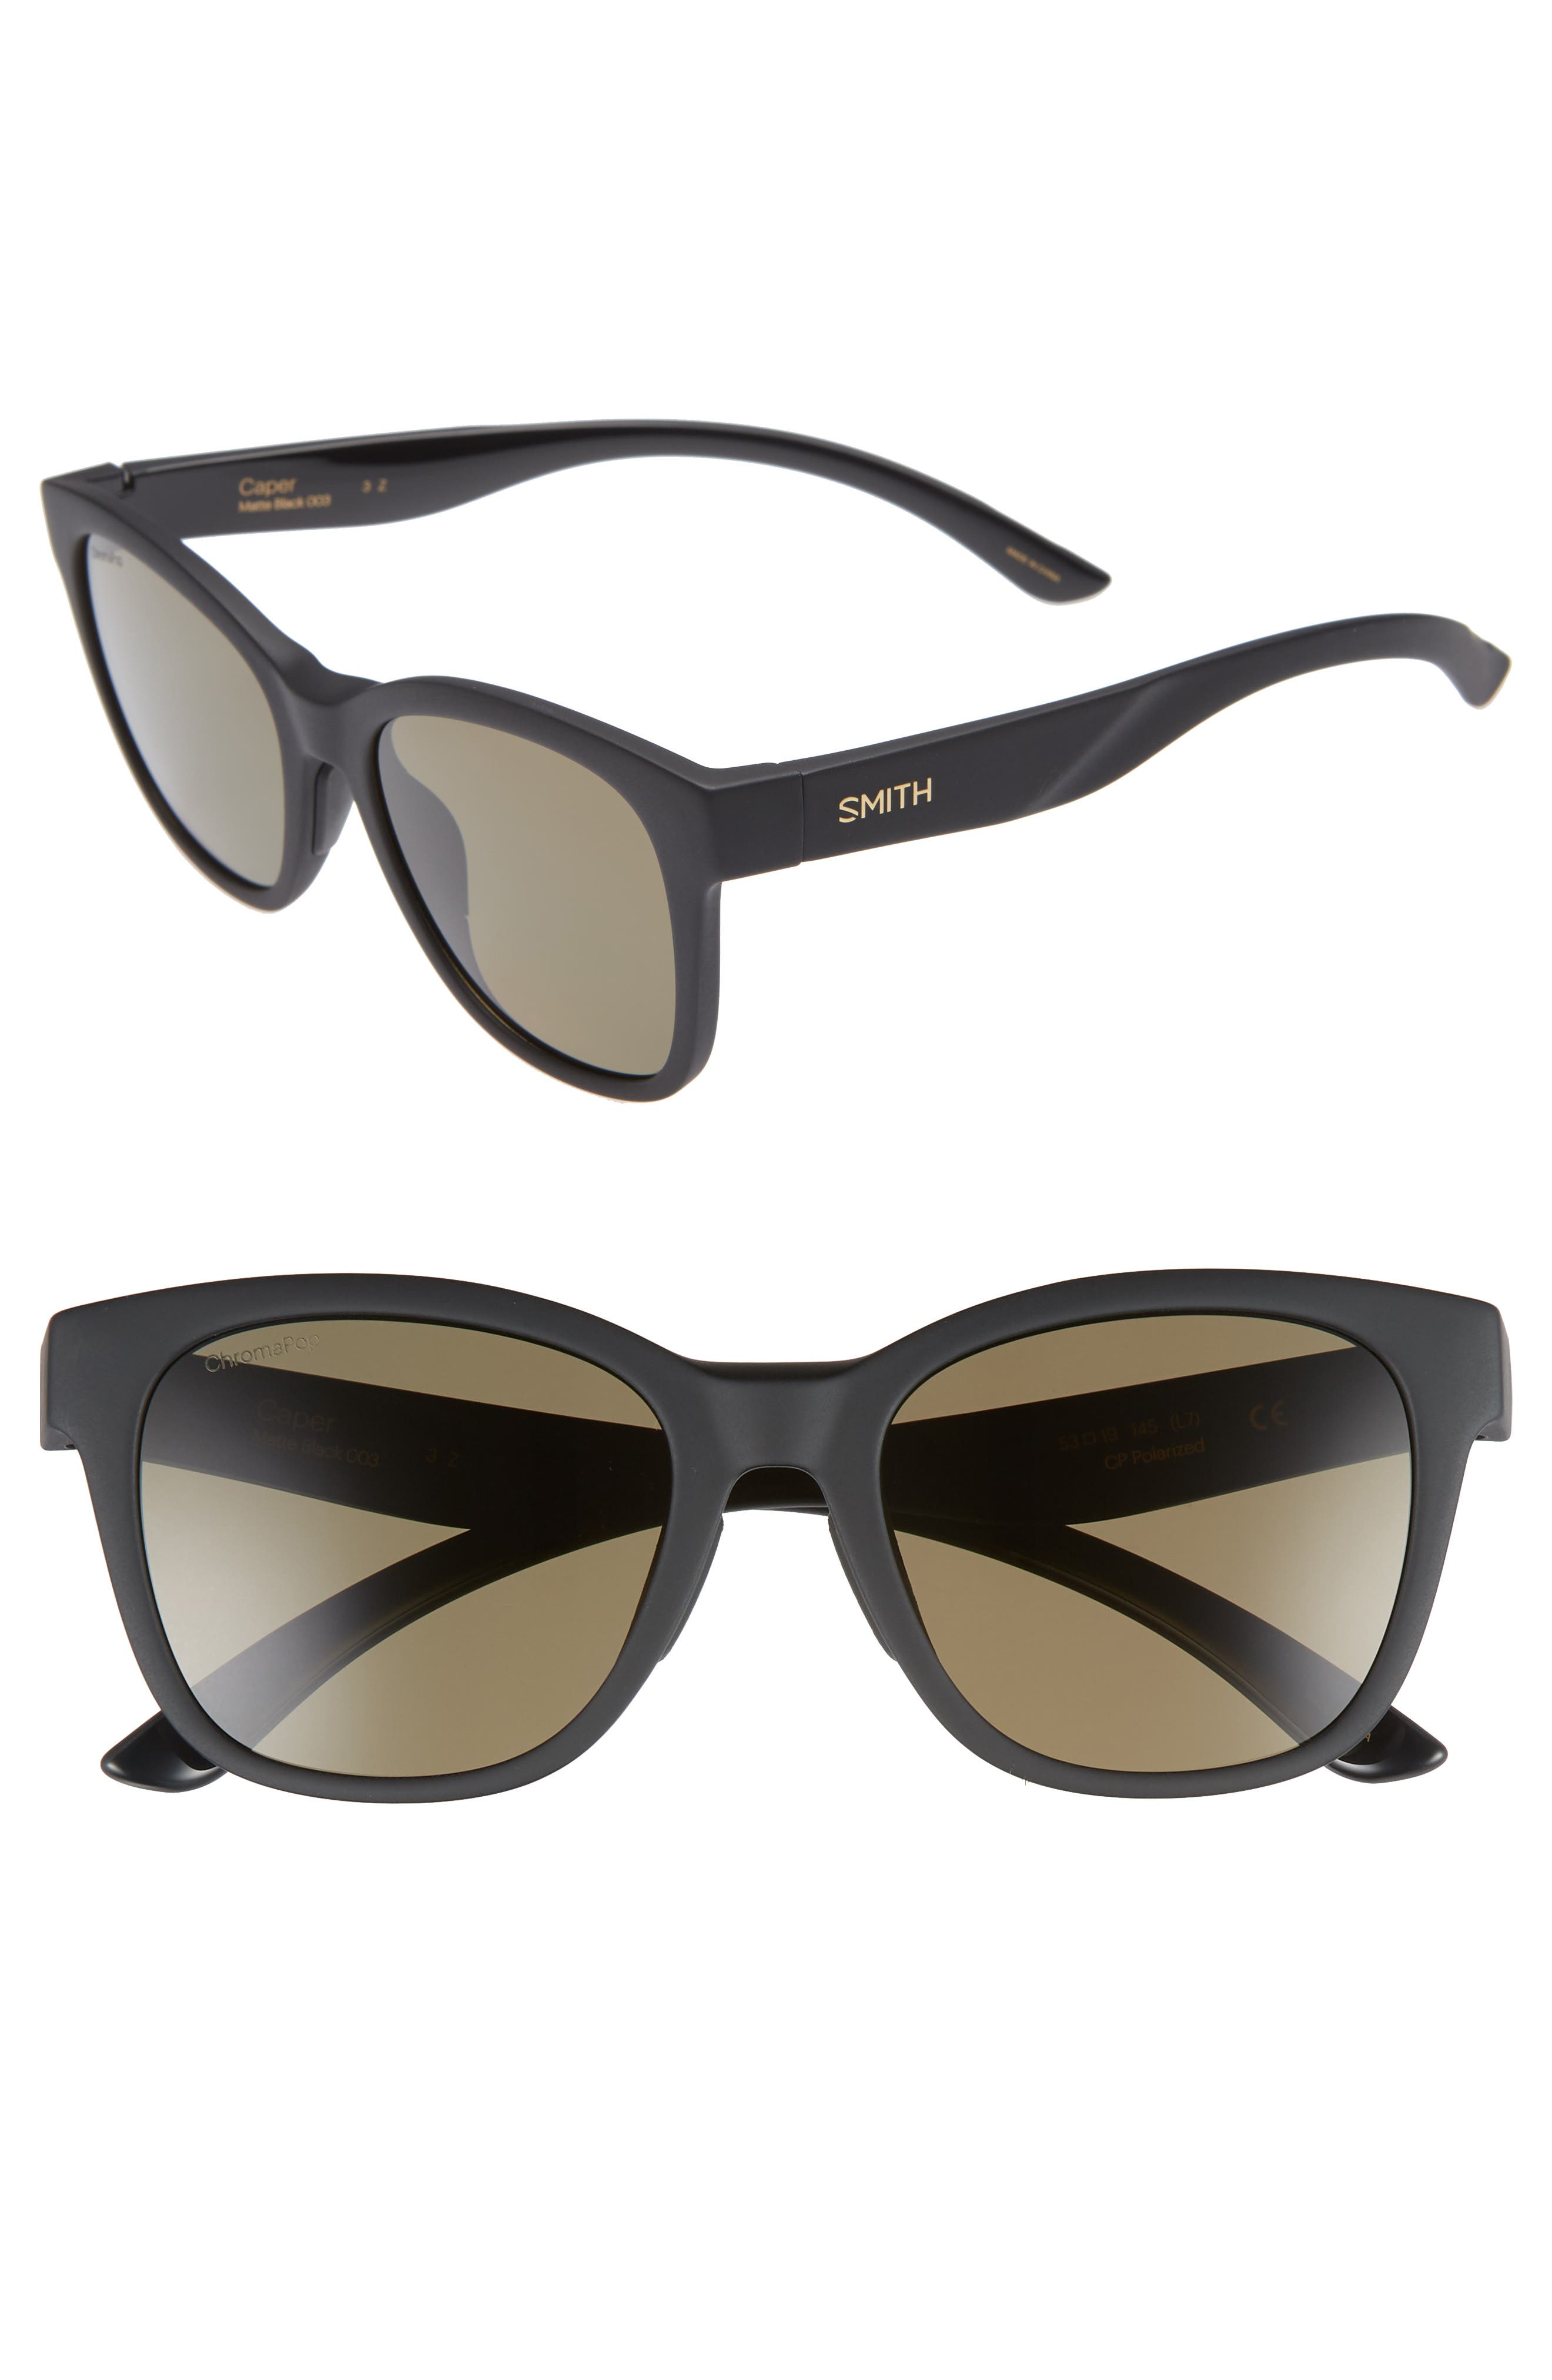 SMITH,                             Caper 53mm ChromaPop<sup>™</sup> Square Sunglasses,                             Main thumbnail 1, color,                             MATTE BLACK